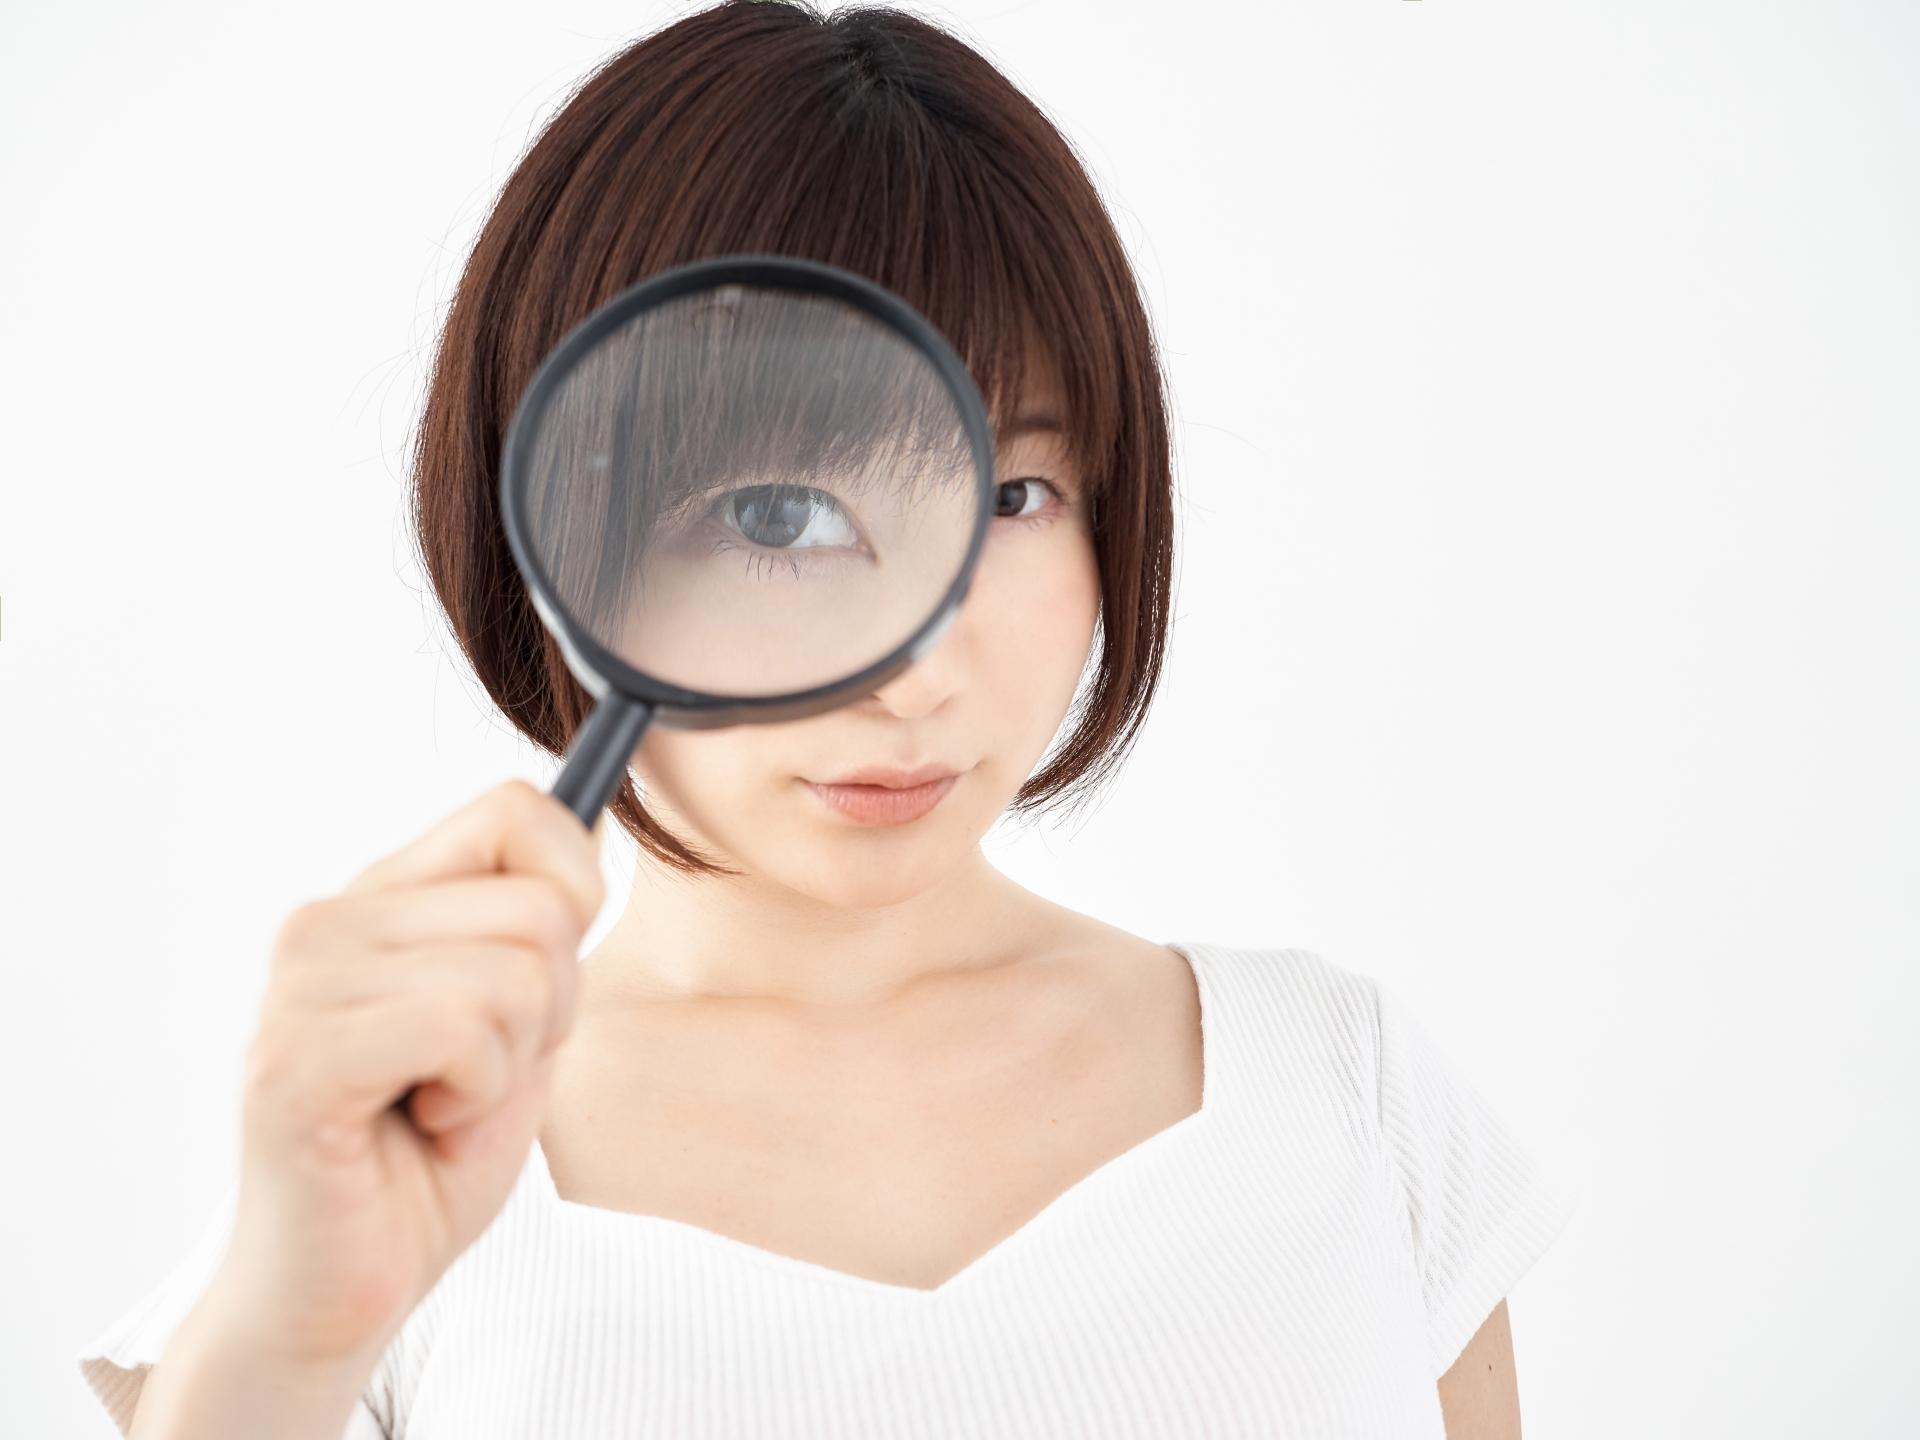 兵庫県で遺品整理業者をお探しの方へ|遺品整理業者の選び方とはのアイキャッチ